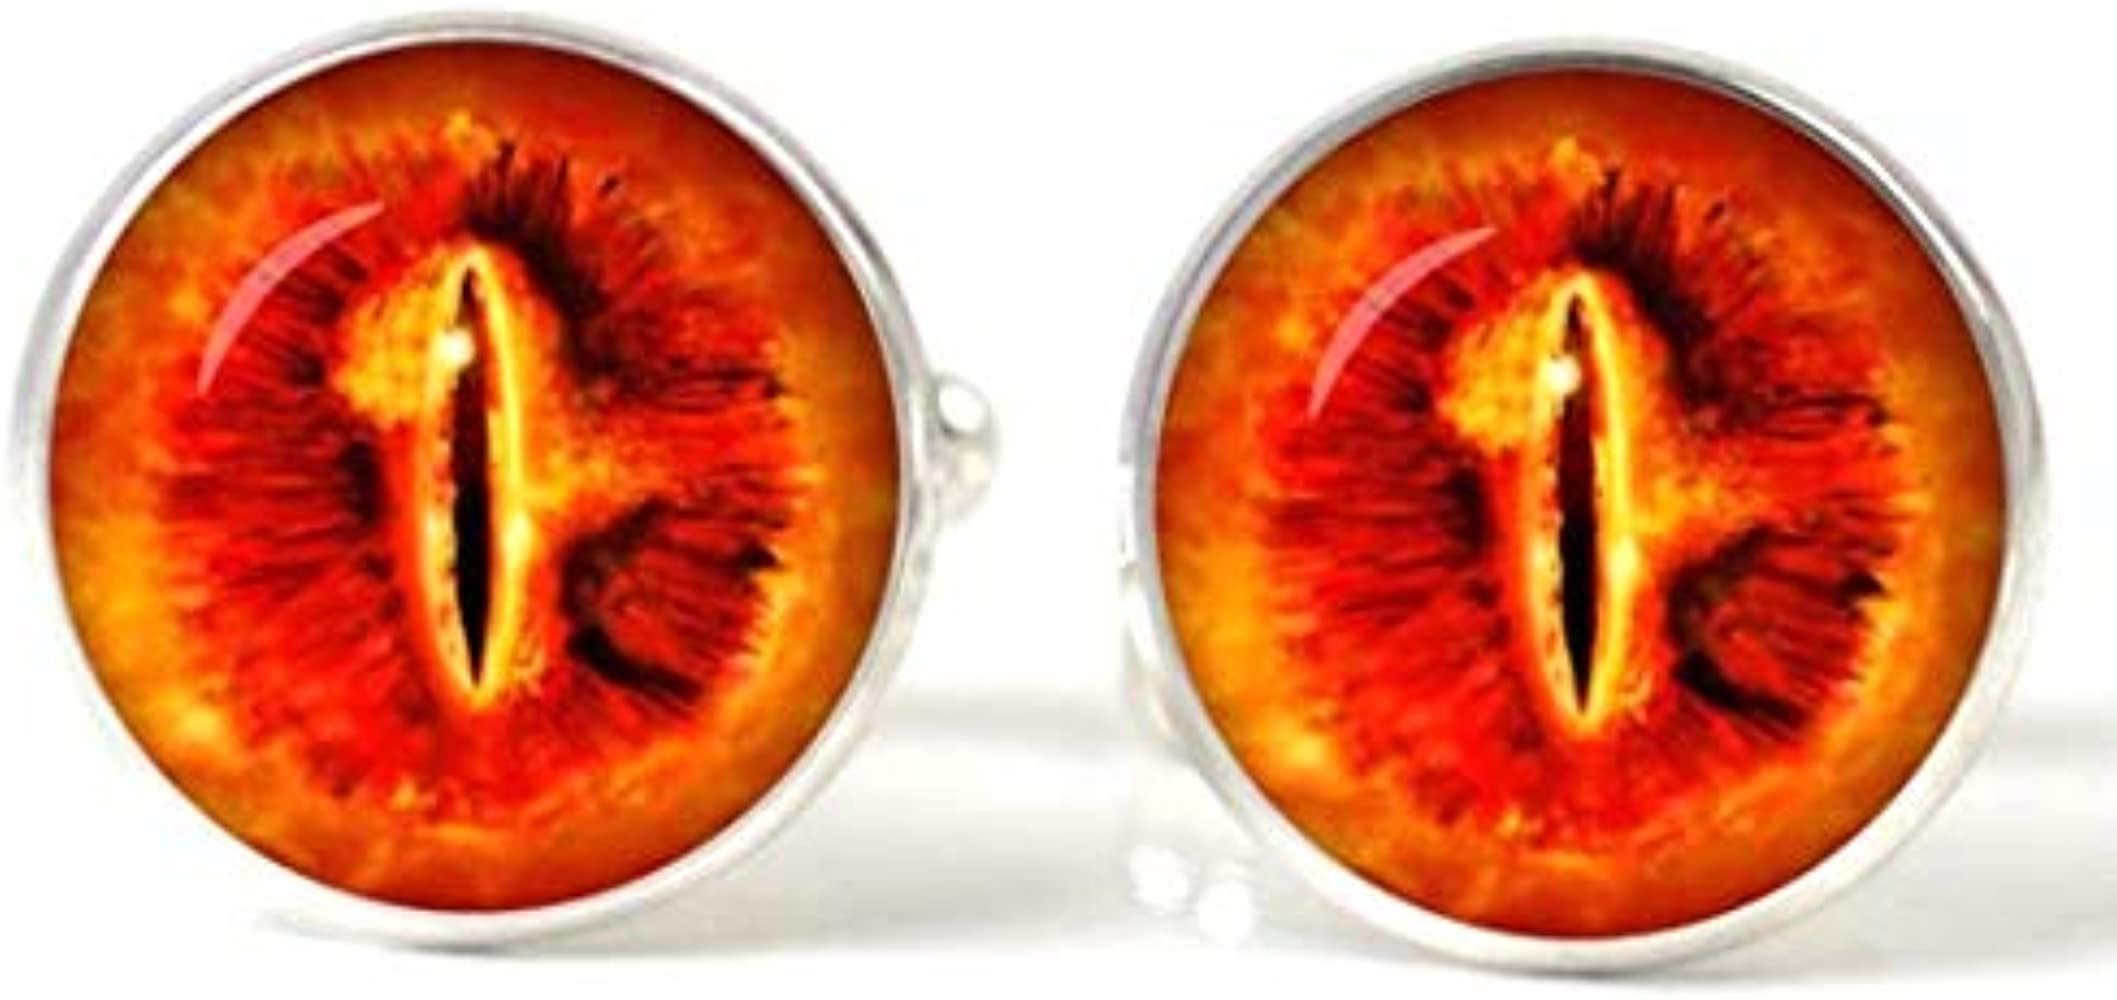 Gemelos Magglass Ojo de Sauron El Señor de los anillos: Amazon.es: Ropa y accesorios